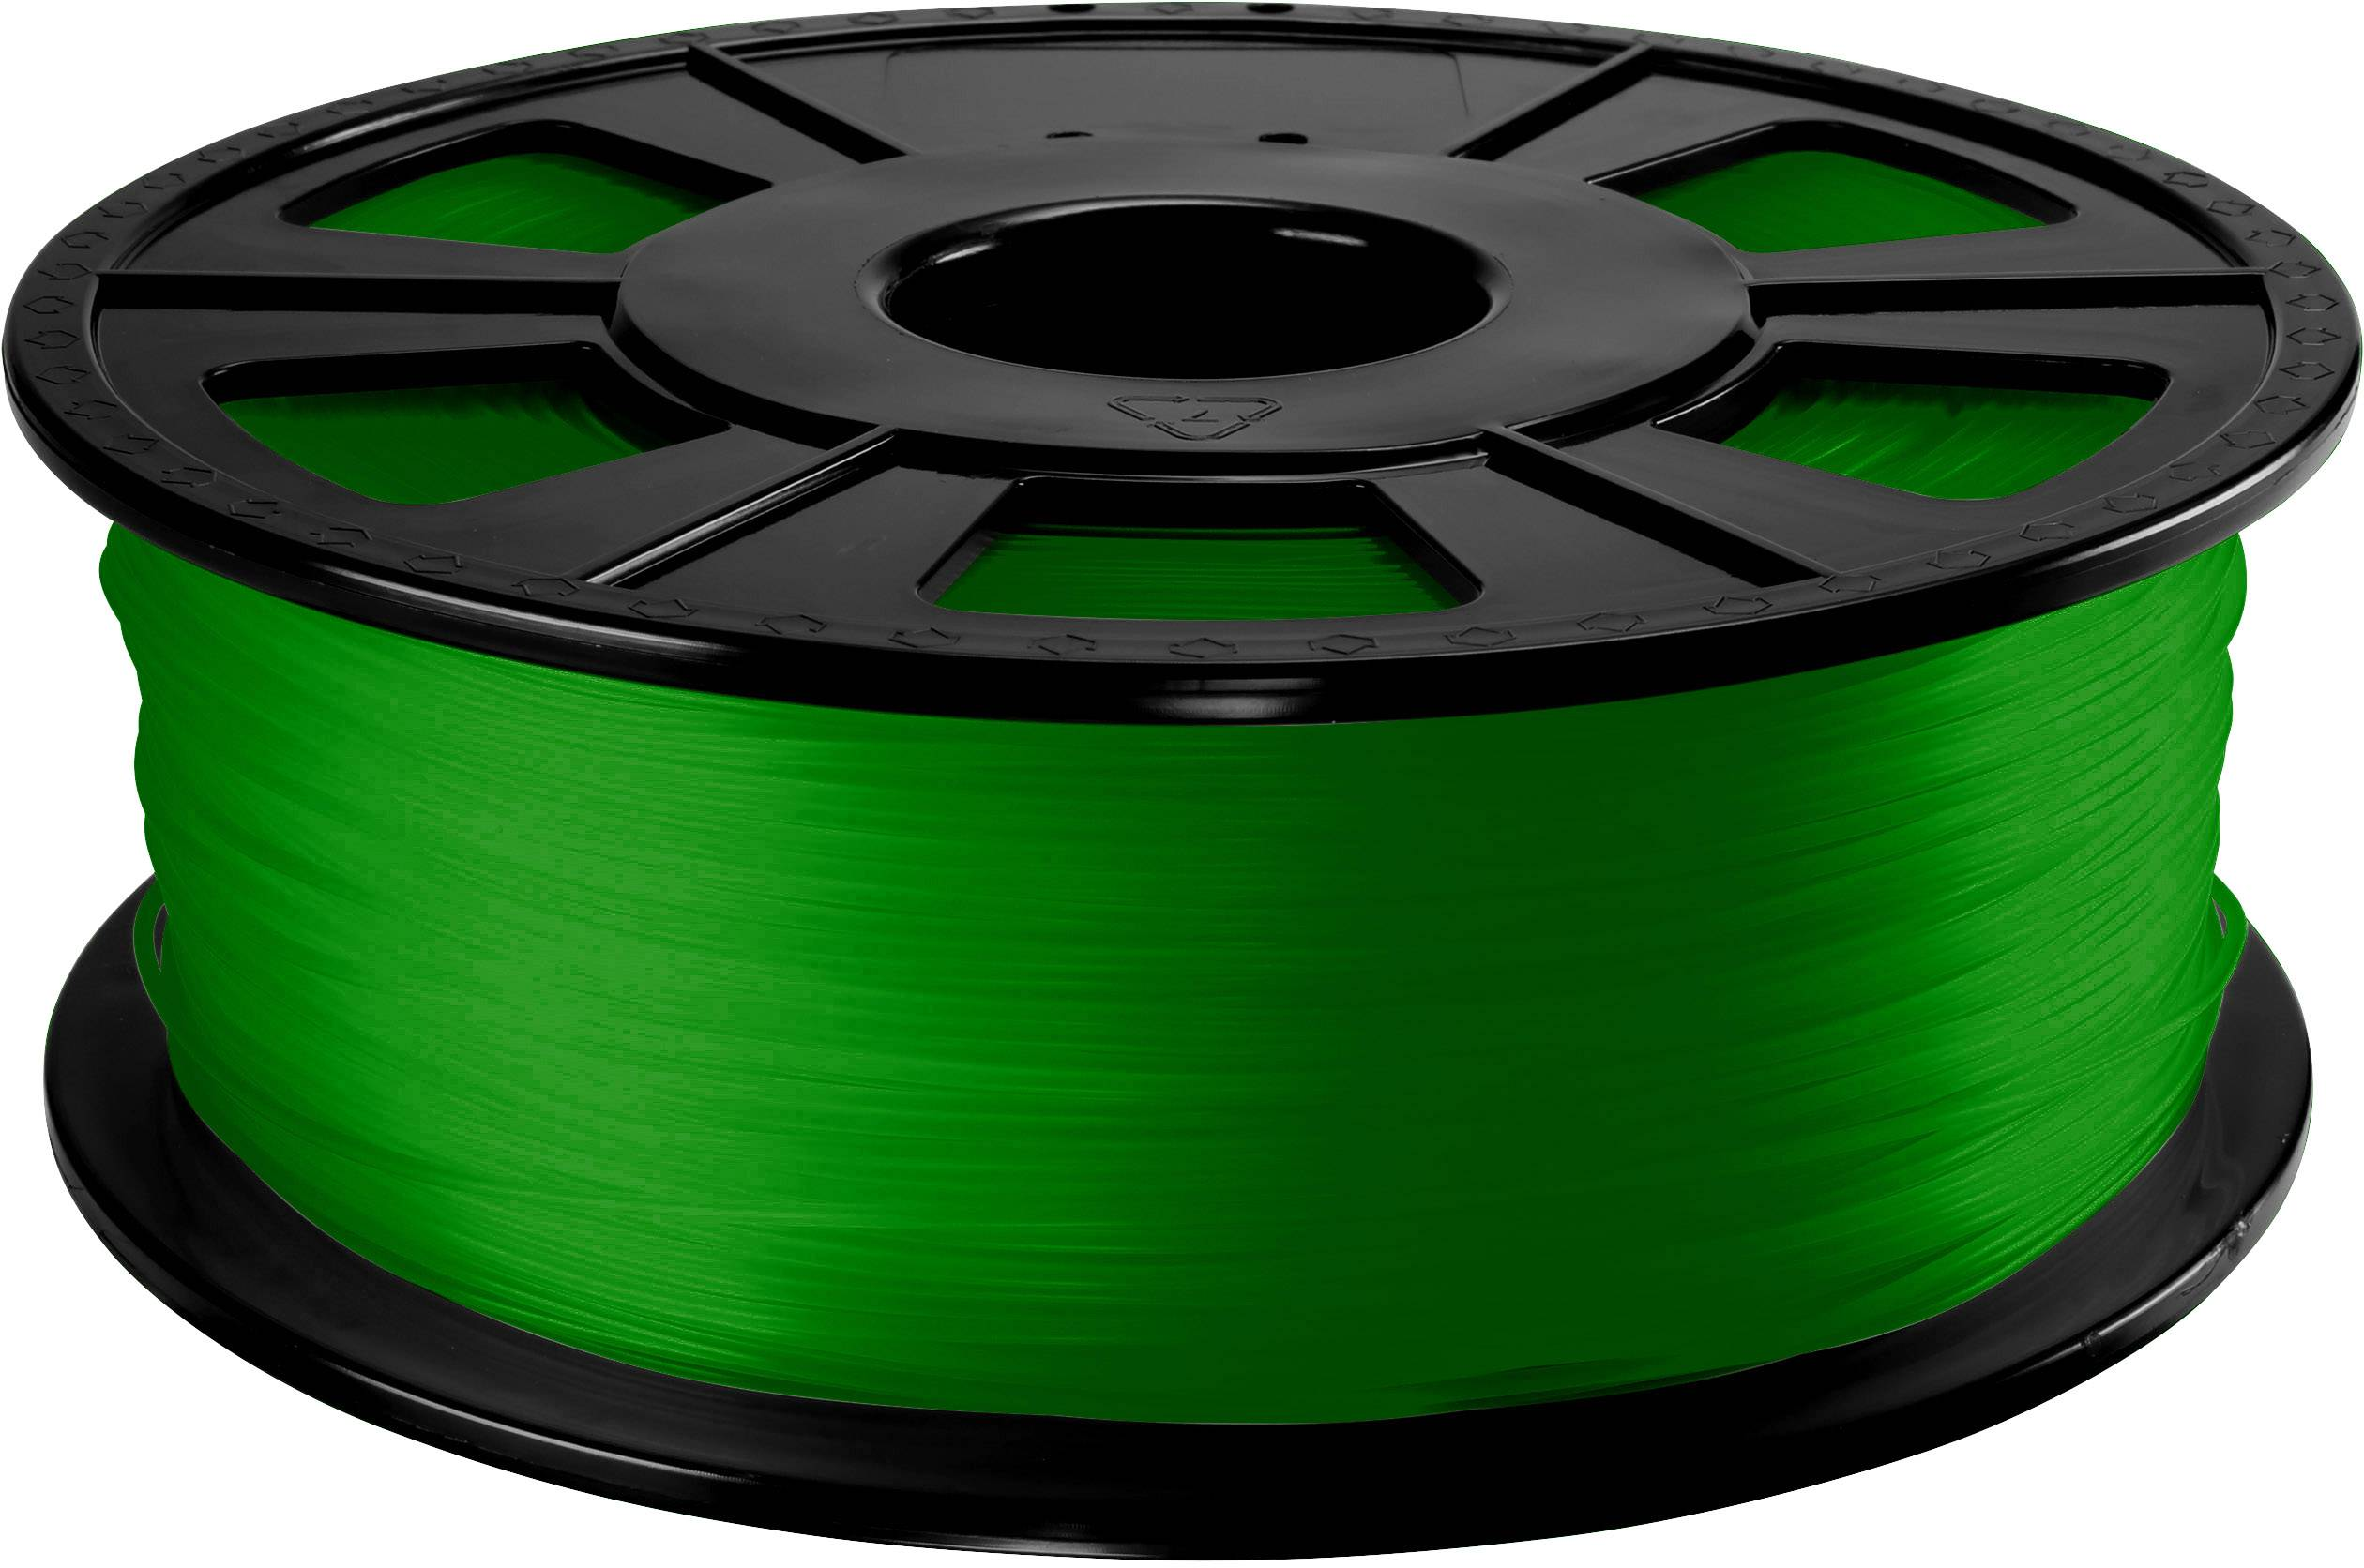 Vlákno pro 3D tiskárny Renkforce 01.04.12.1209, ABS plast, 2.85 mm, 1 kg, zelená